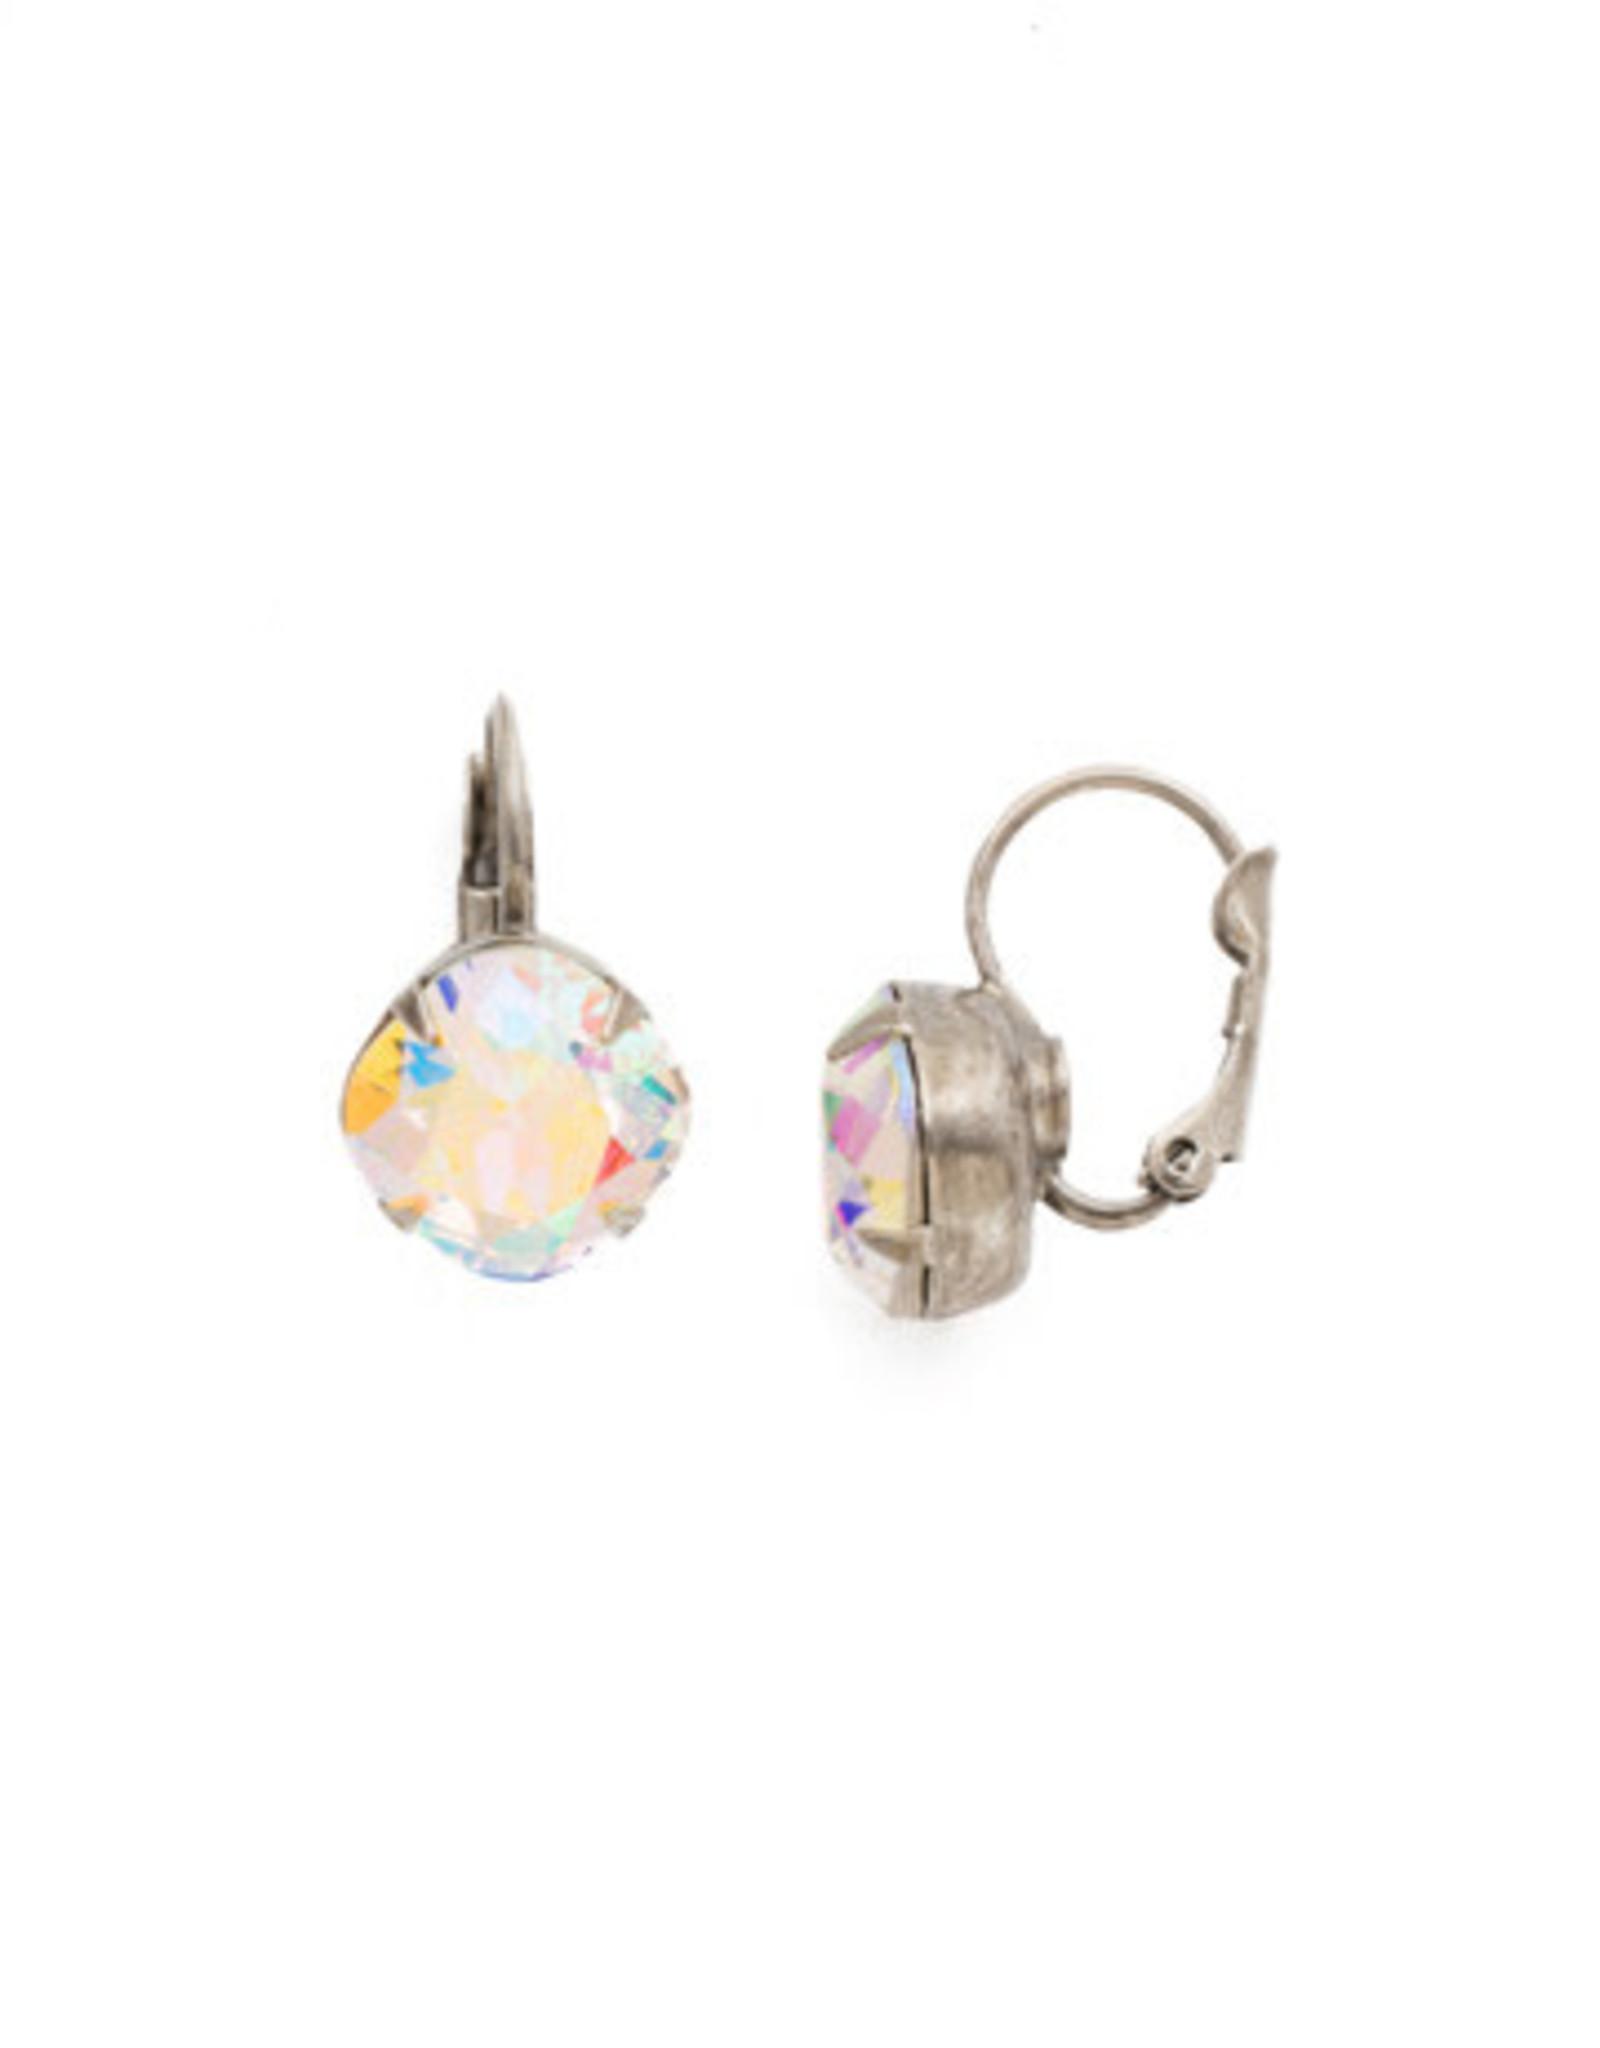 Sorrelli EDL12ASCAB - Crystal Aurora Borealis Cushion Cut French Wire Earring